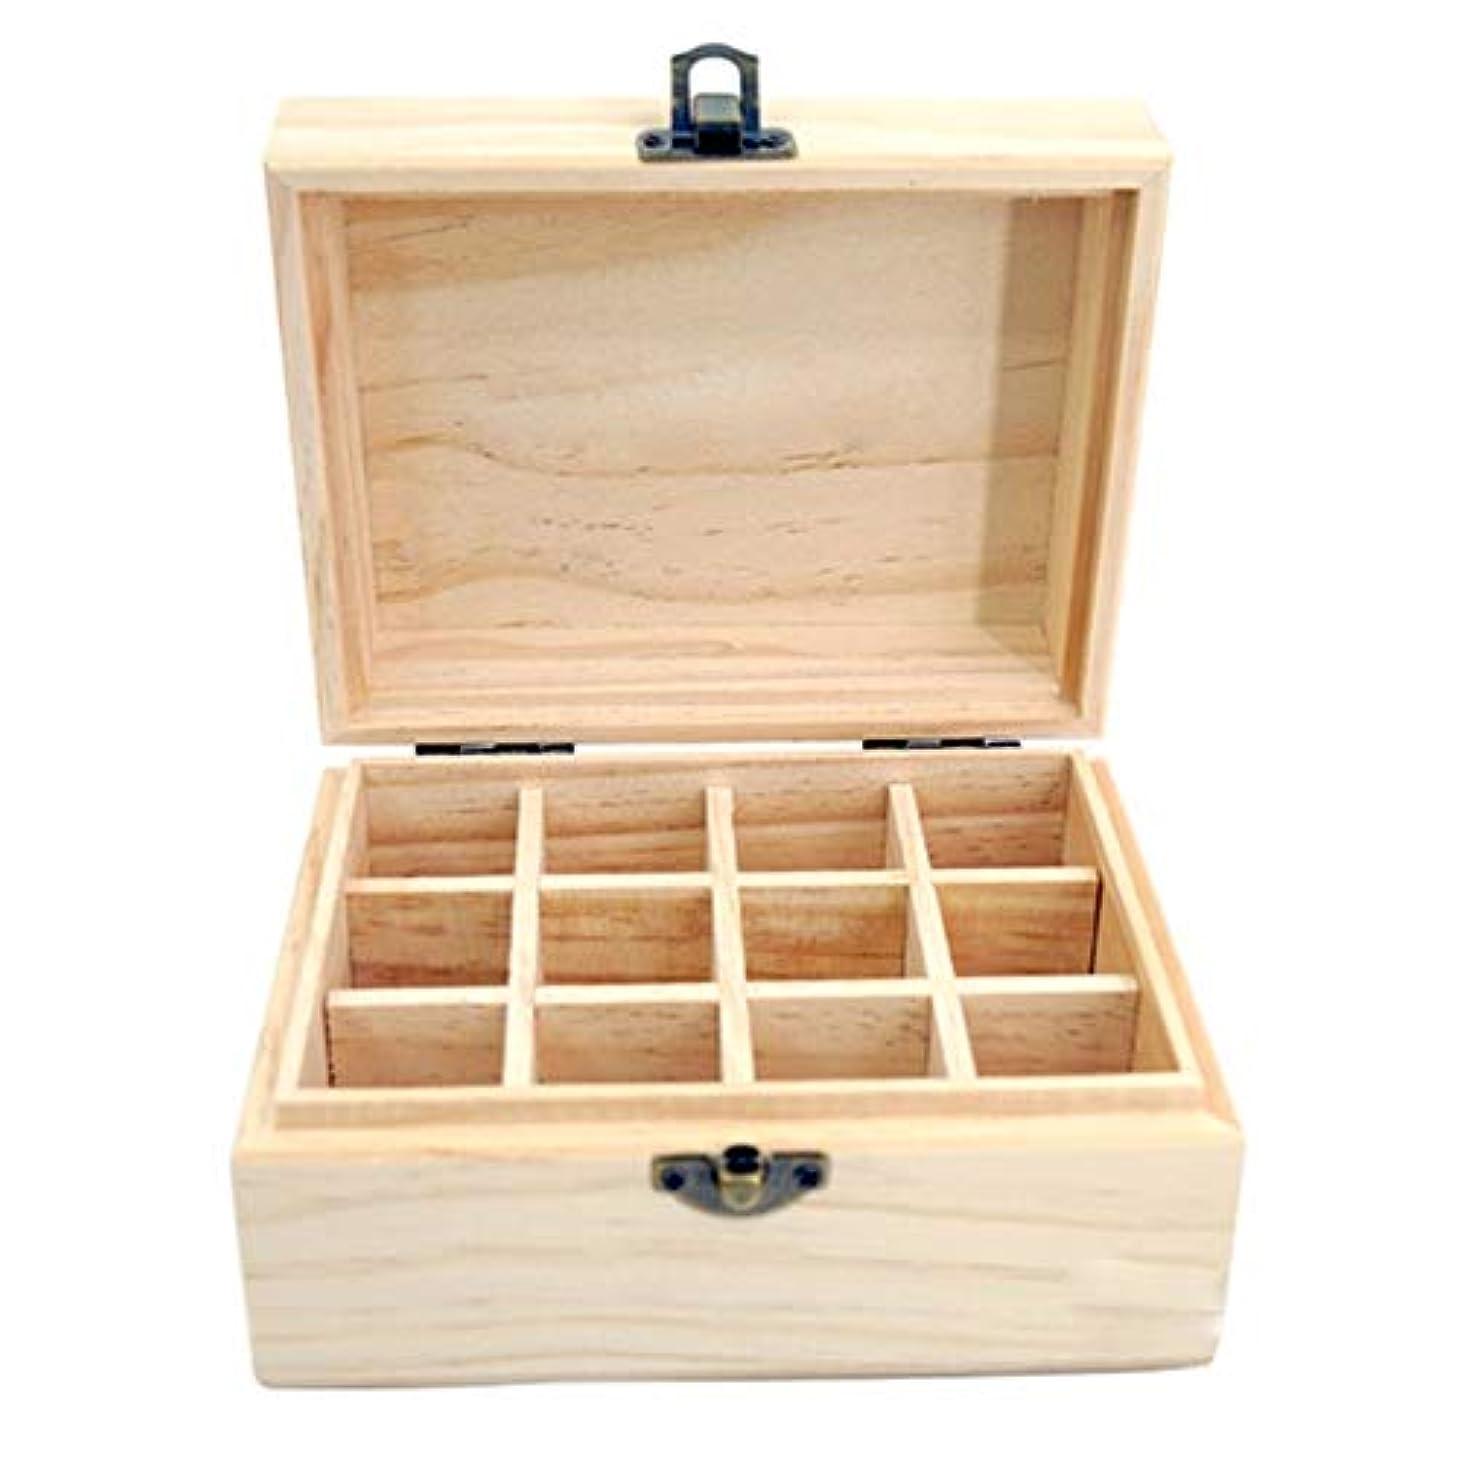 木曜日以降申請者12スロットエッセンシャルオイル木箱の収納ケースは、あなたの油安全保護さを保つ保護します アロマセラピー製品 (色 : Natural, サイズ : 15X11.5X8CM)